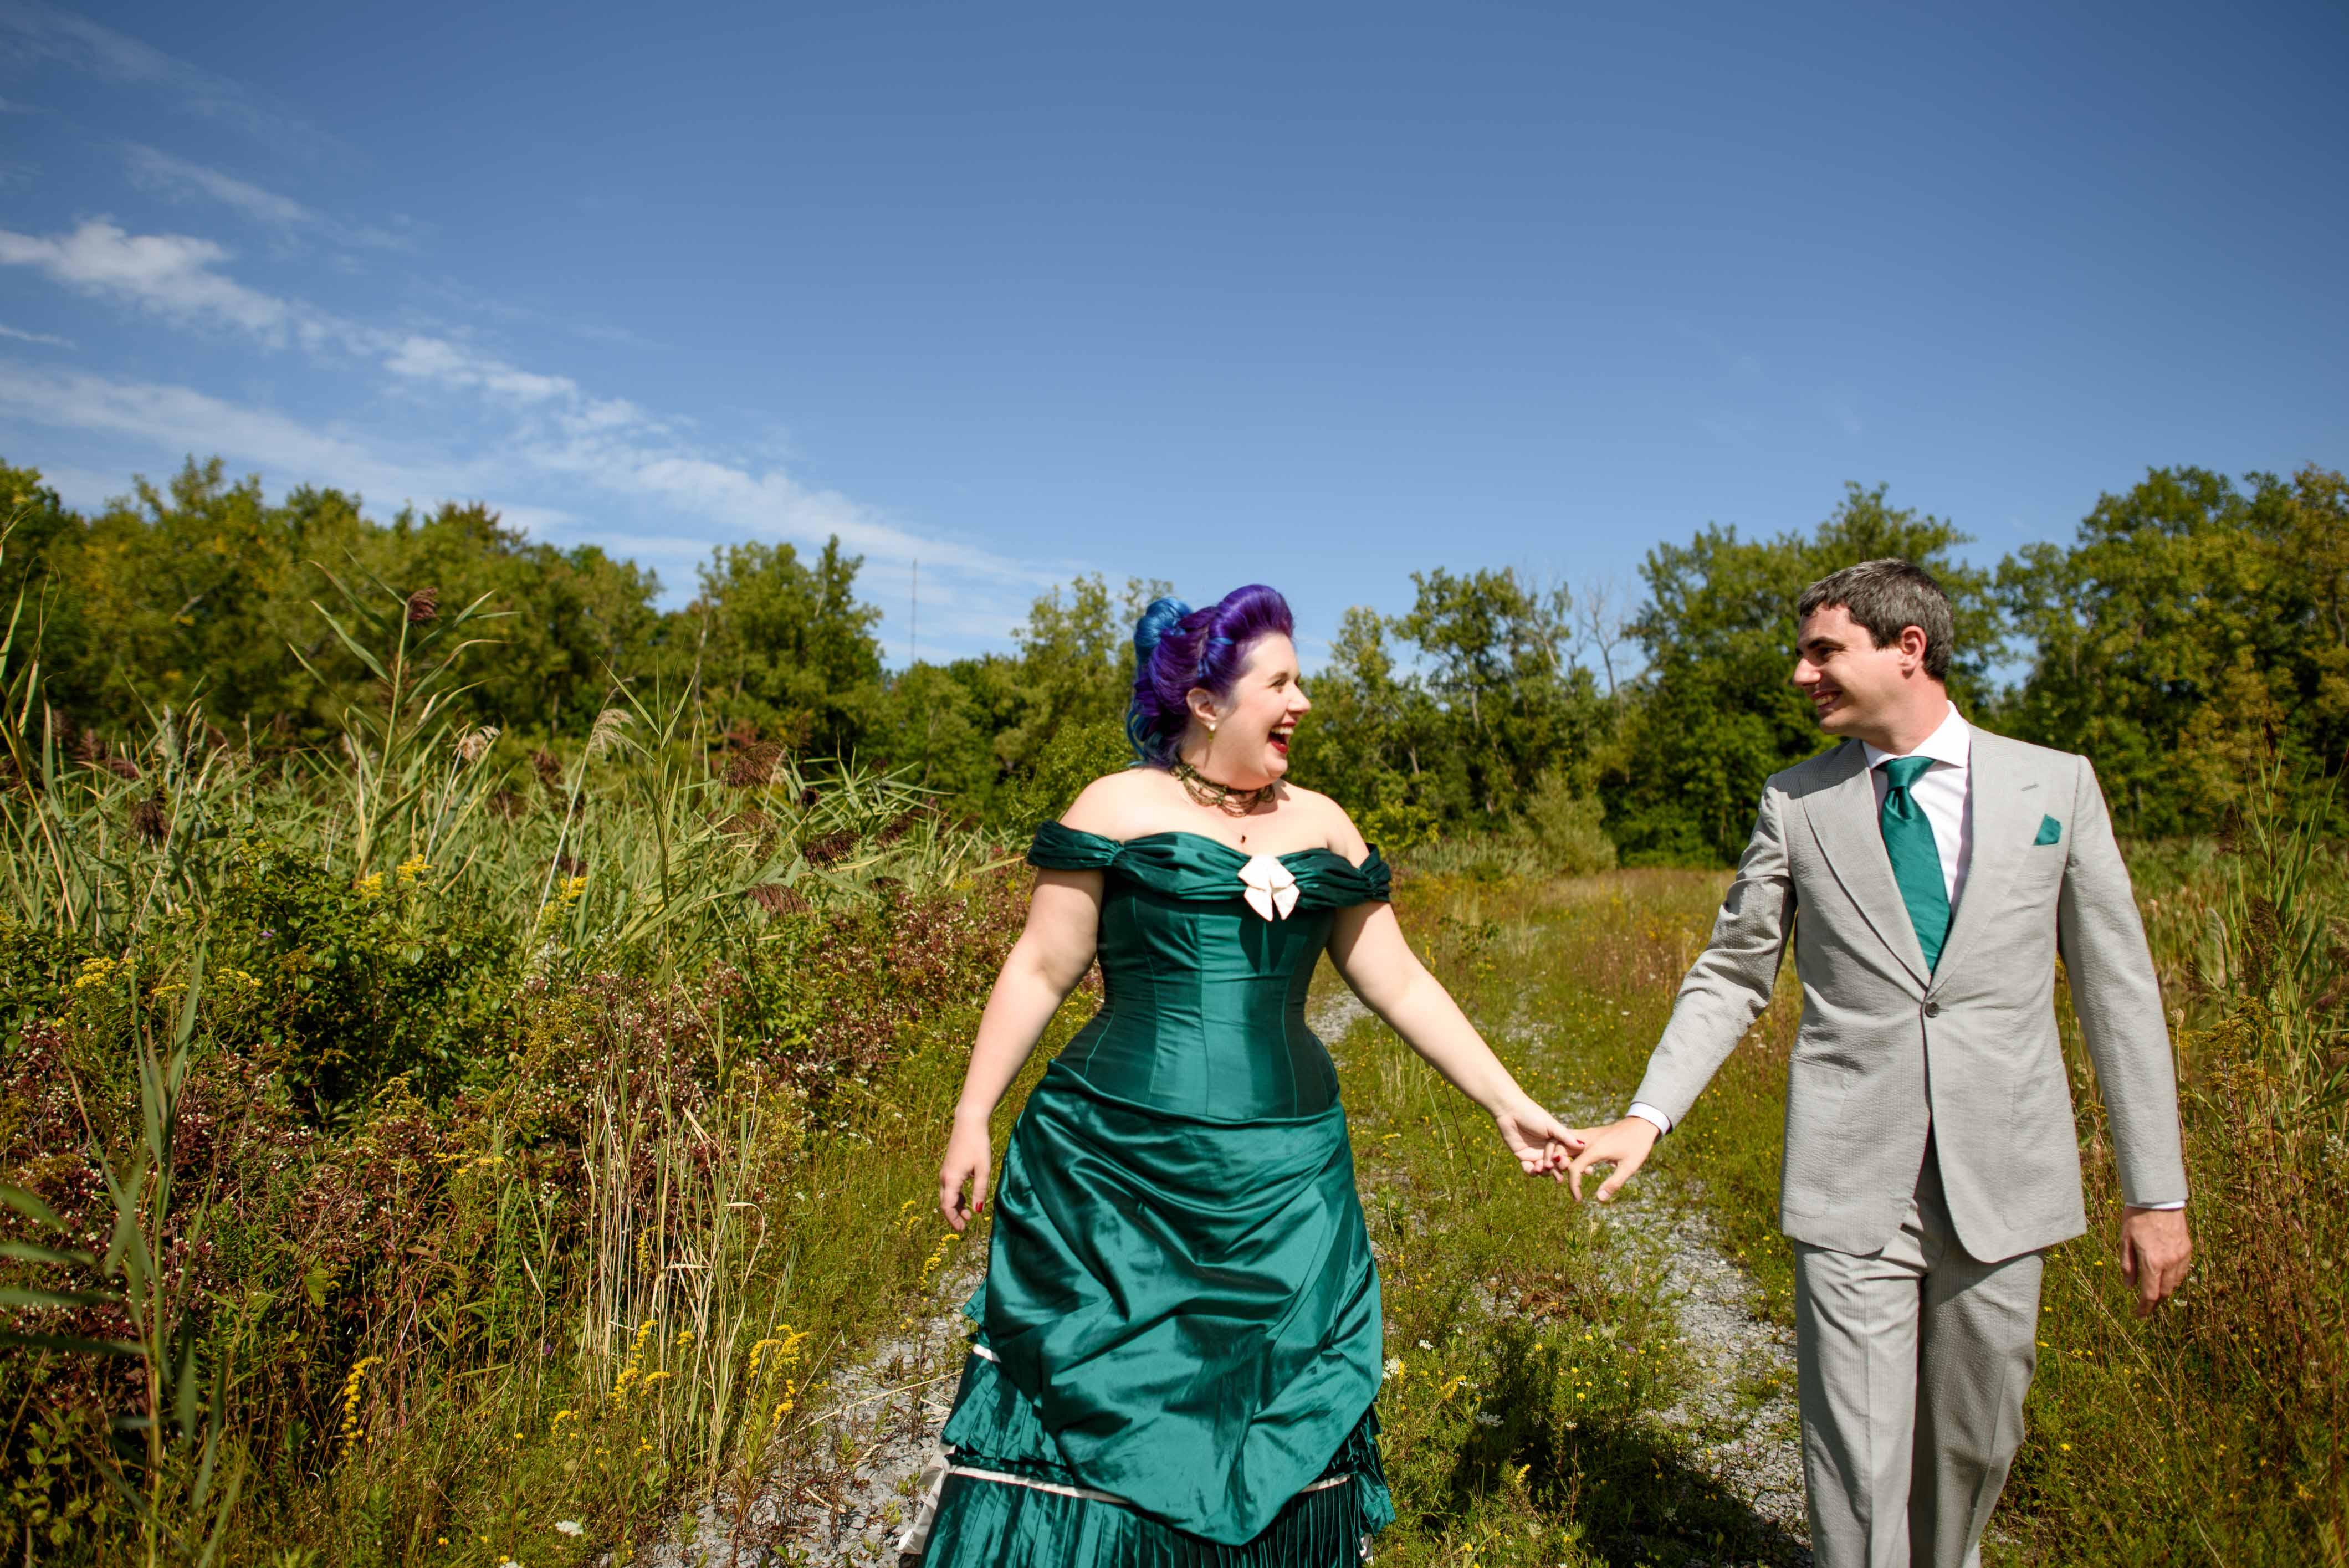 fun wedding photos - victorian wedding dress - coloured wedding dress - green wedding dress - alternative bridalwear